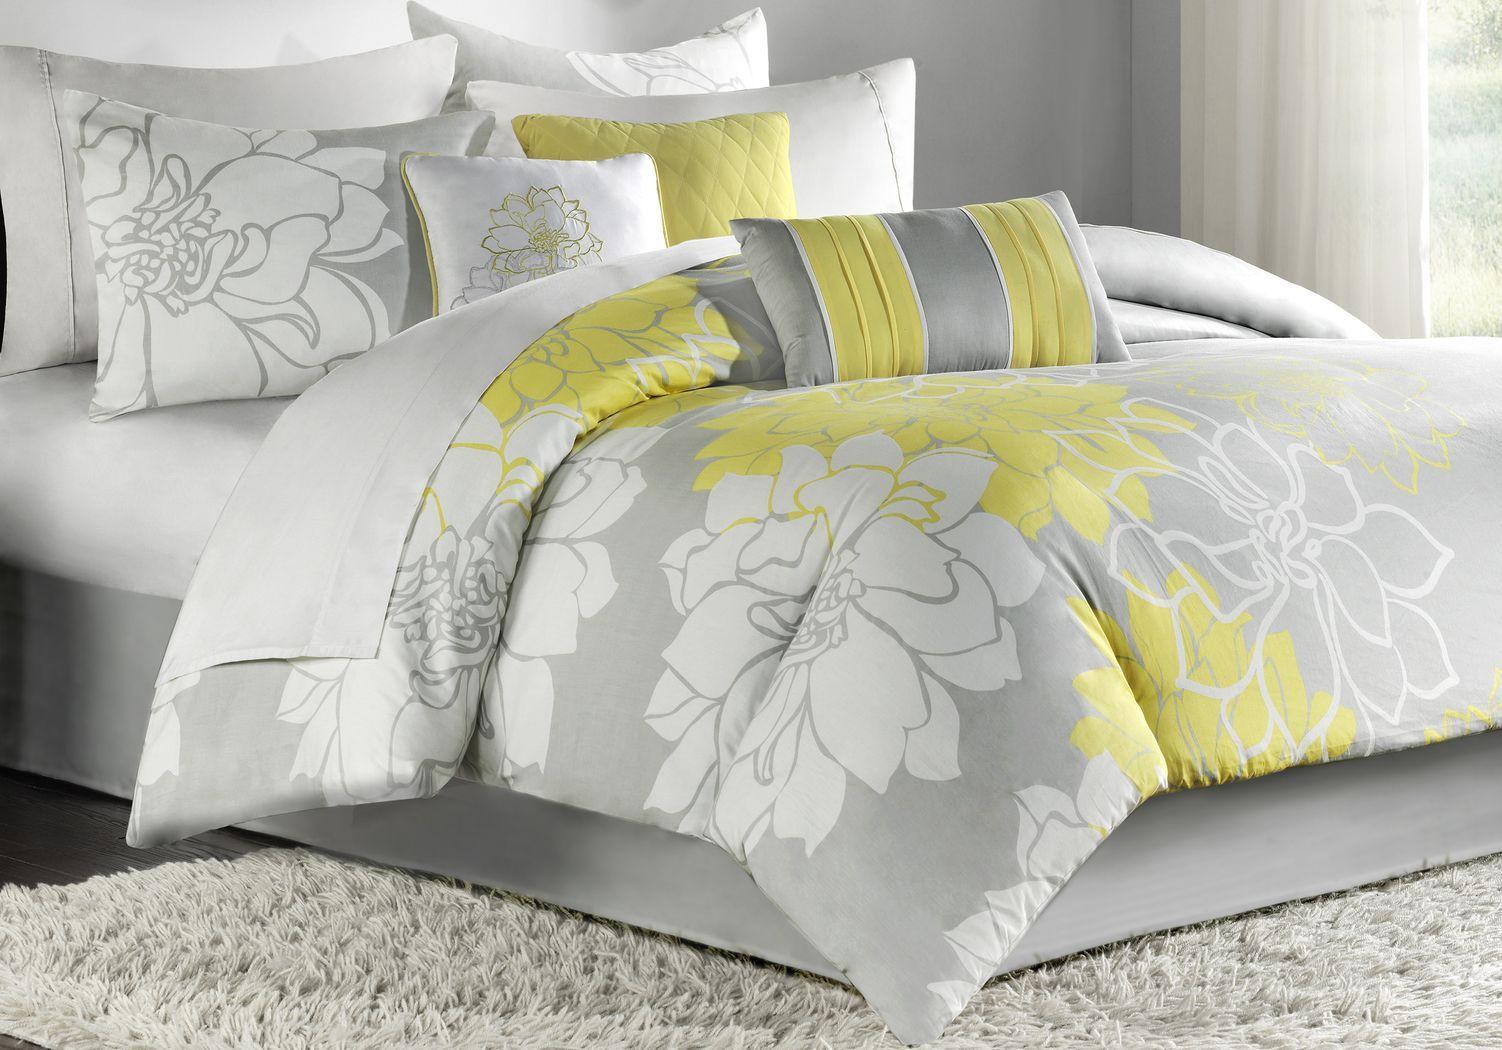 Lola Gray Yellow 7 Pc Queen Comforter Set Comforter Sets Bed